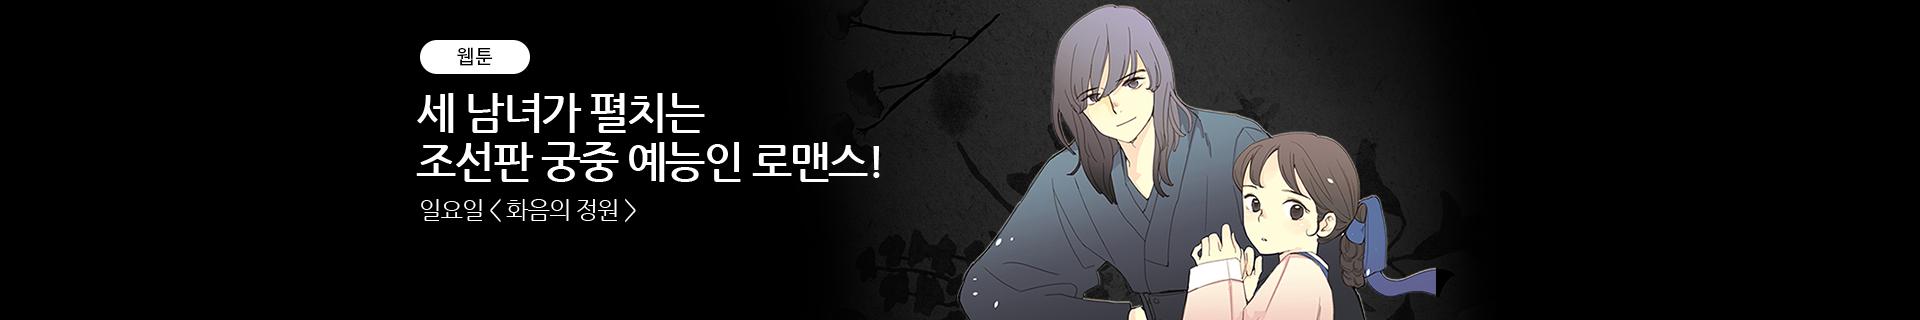 PC_sub_bn_웹툰_화음의정원_1920x320.jpg